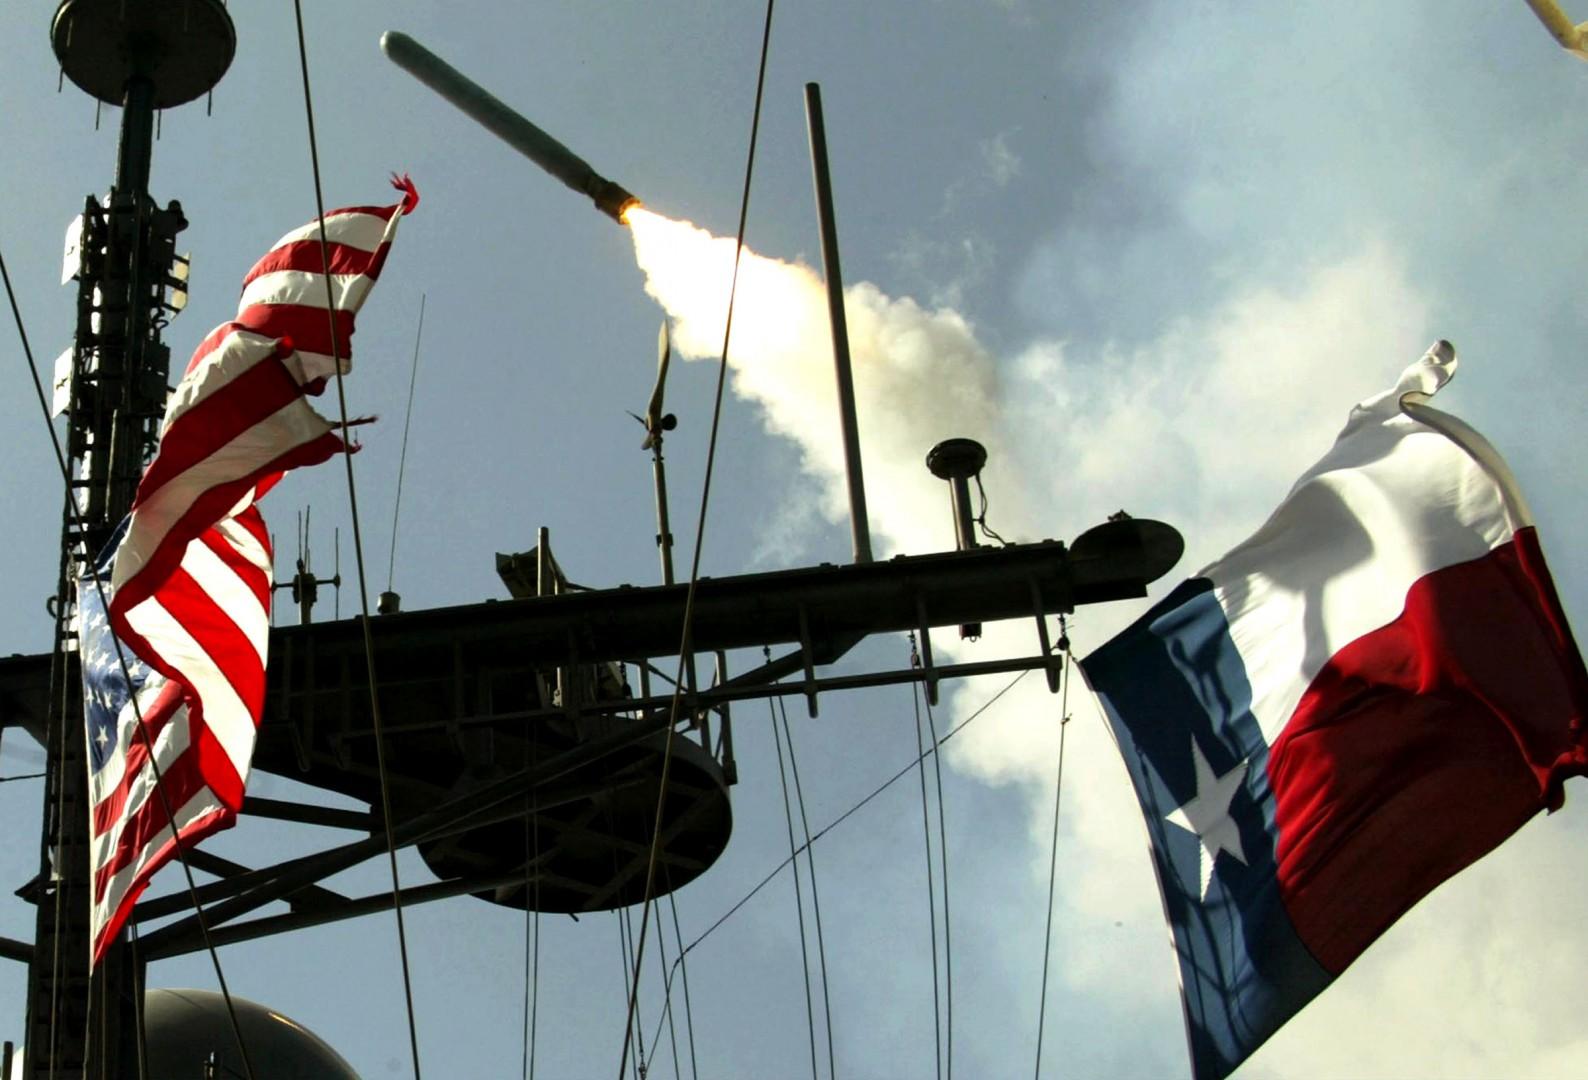 ©GREG GEISENG/LAPRESSE ESTERO, GUERRA 25-03-2003   MAR ROSSO ATTACCO IN IRAQ UN MISSILE CRUISE TOMAHAWK LANCIATO DALLA NAVE STATUNITENSE AEGIS USS SAN JACINTO